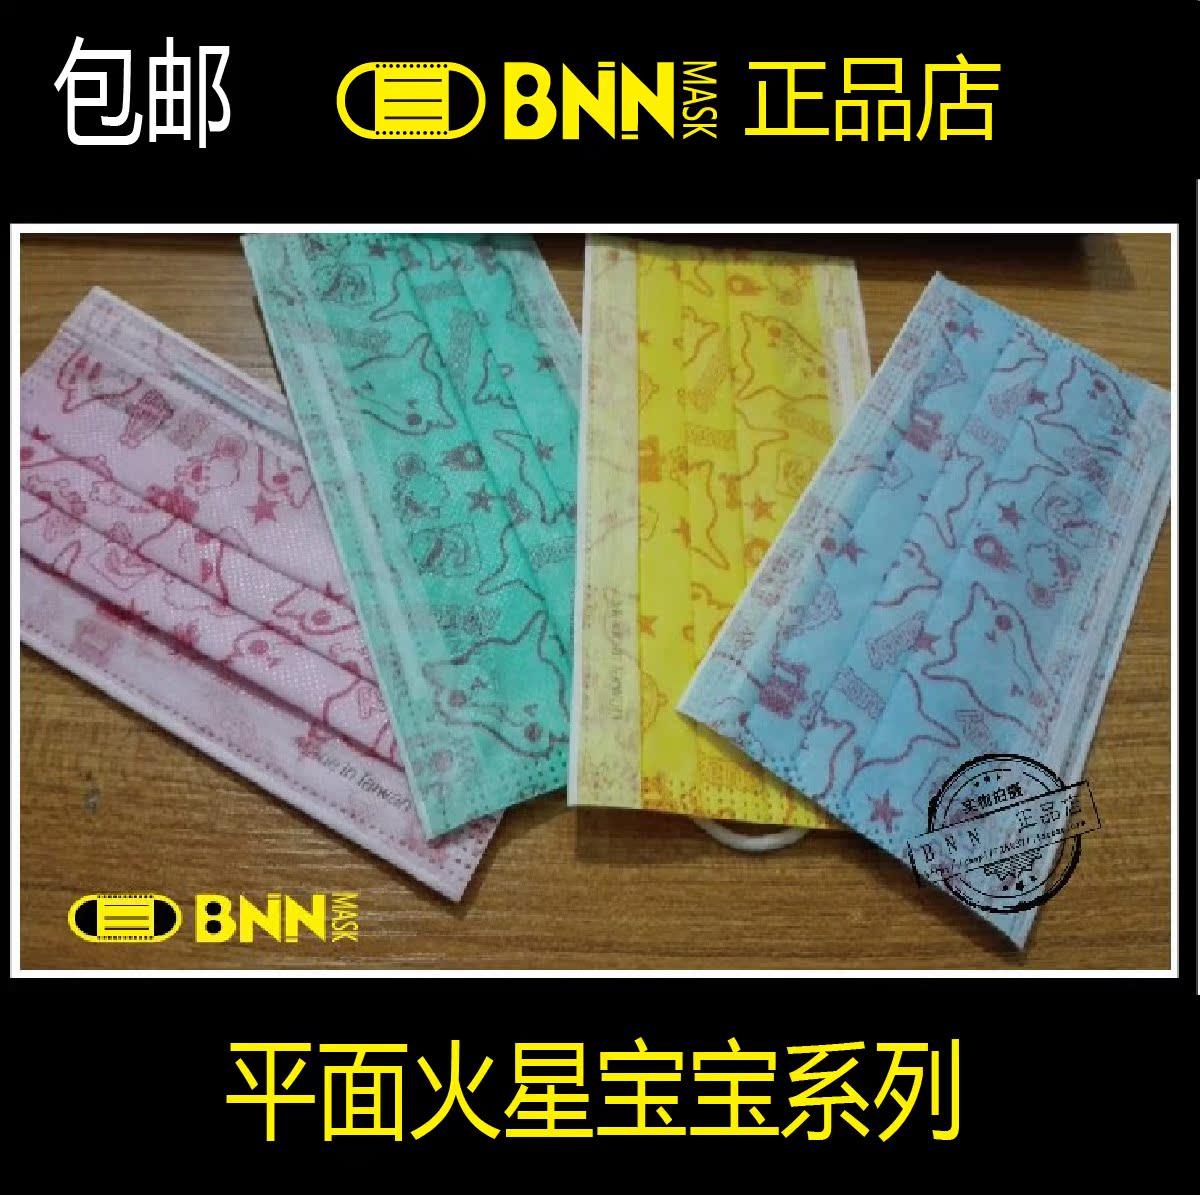 台湾BNN MASK成人男女TFBOYS 王源王俊凯同款防雾霾一次性口罩秋